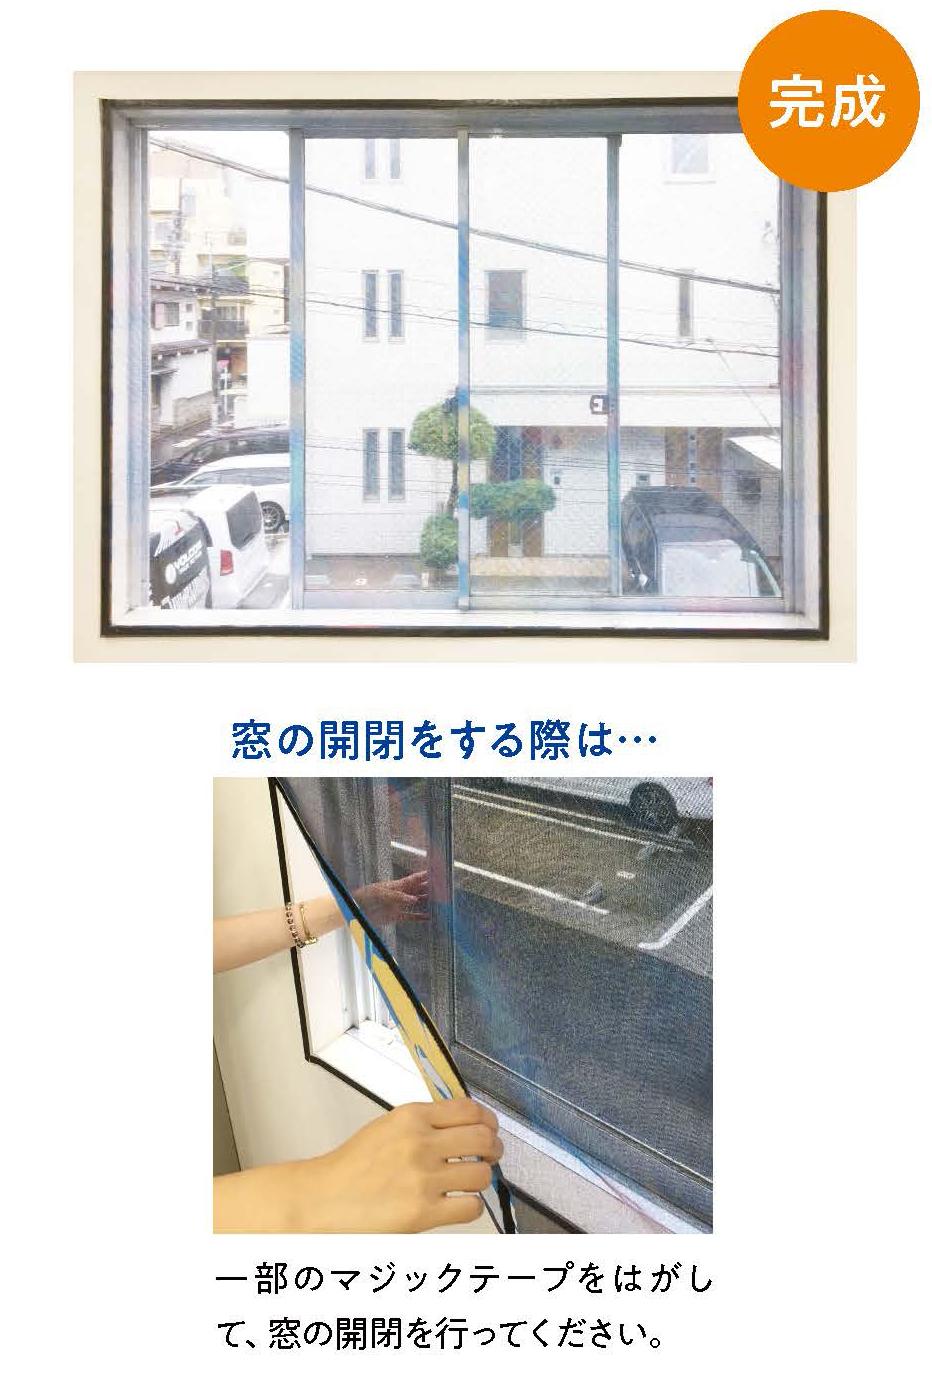 一部のマジックテープをはがして、窓の開閉を行ってください。